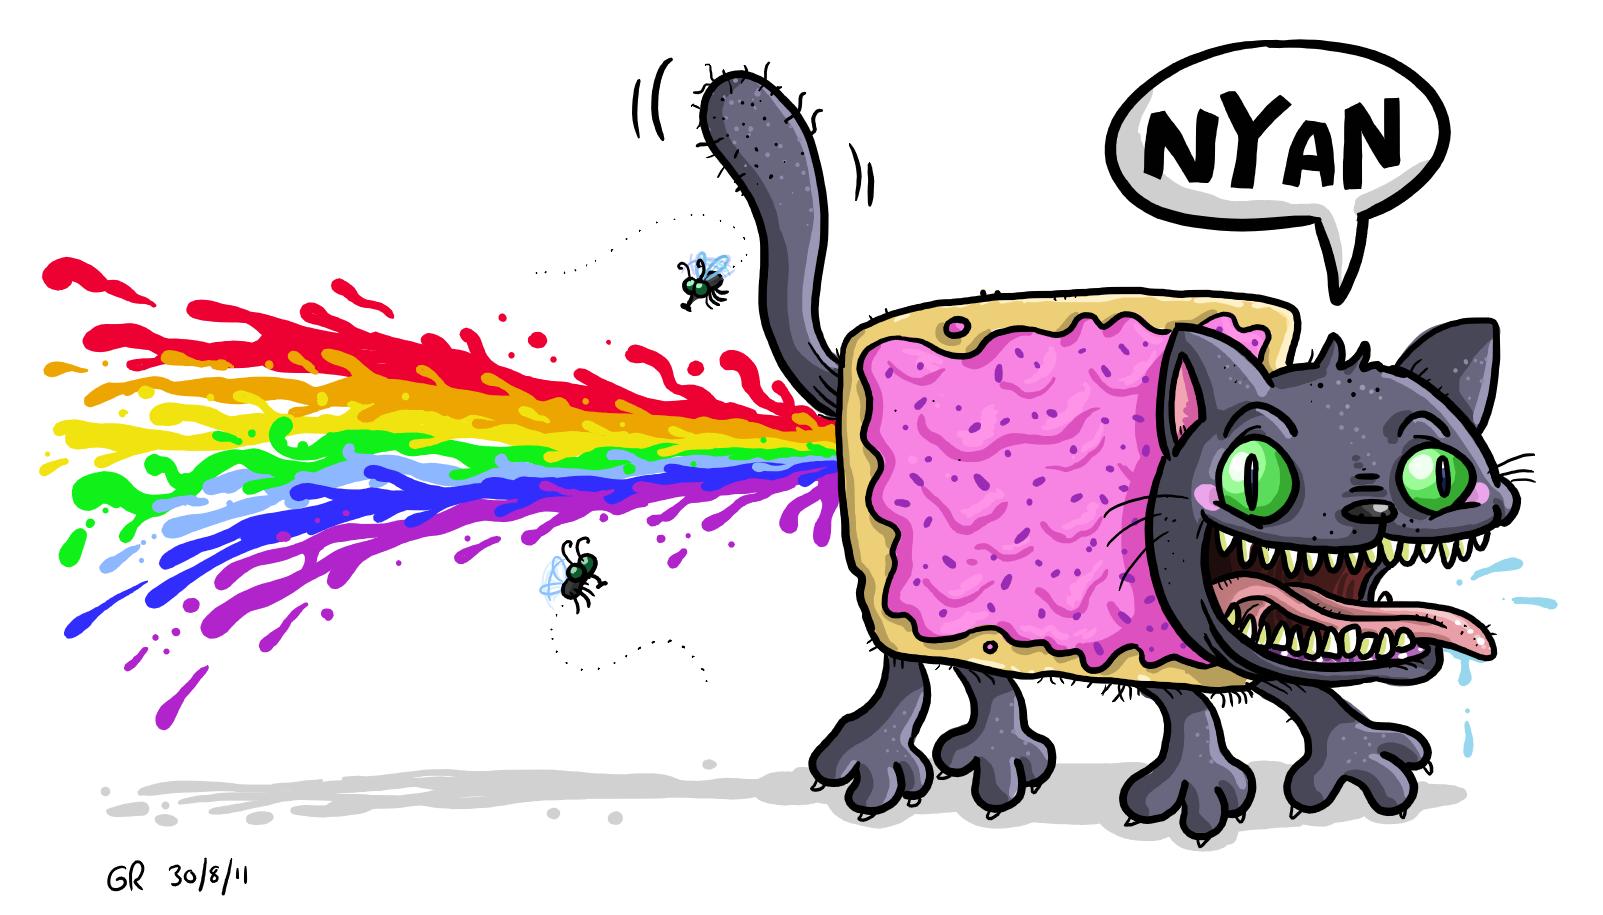 Nyan Shat